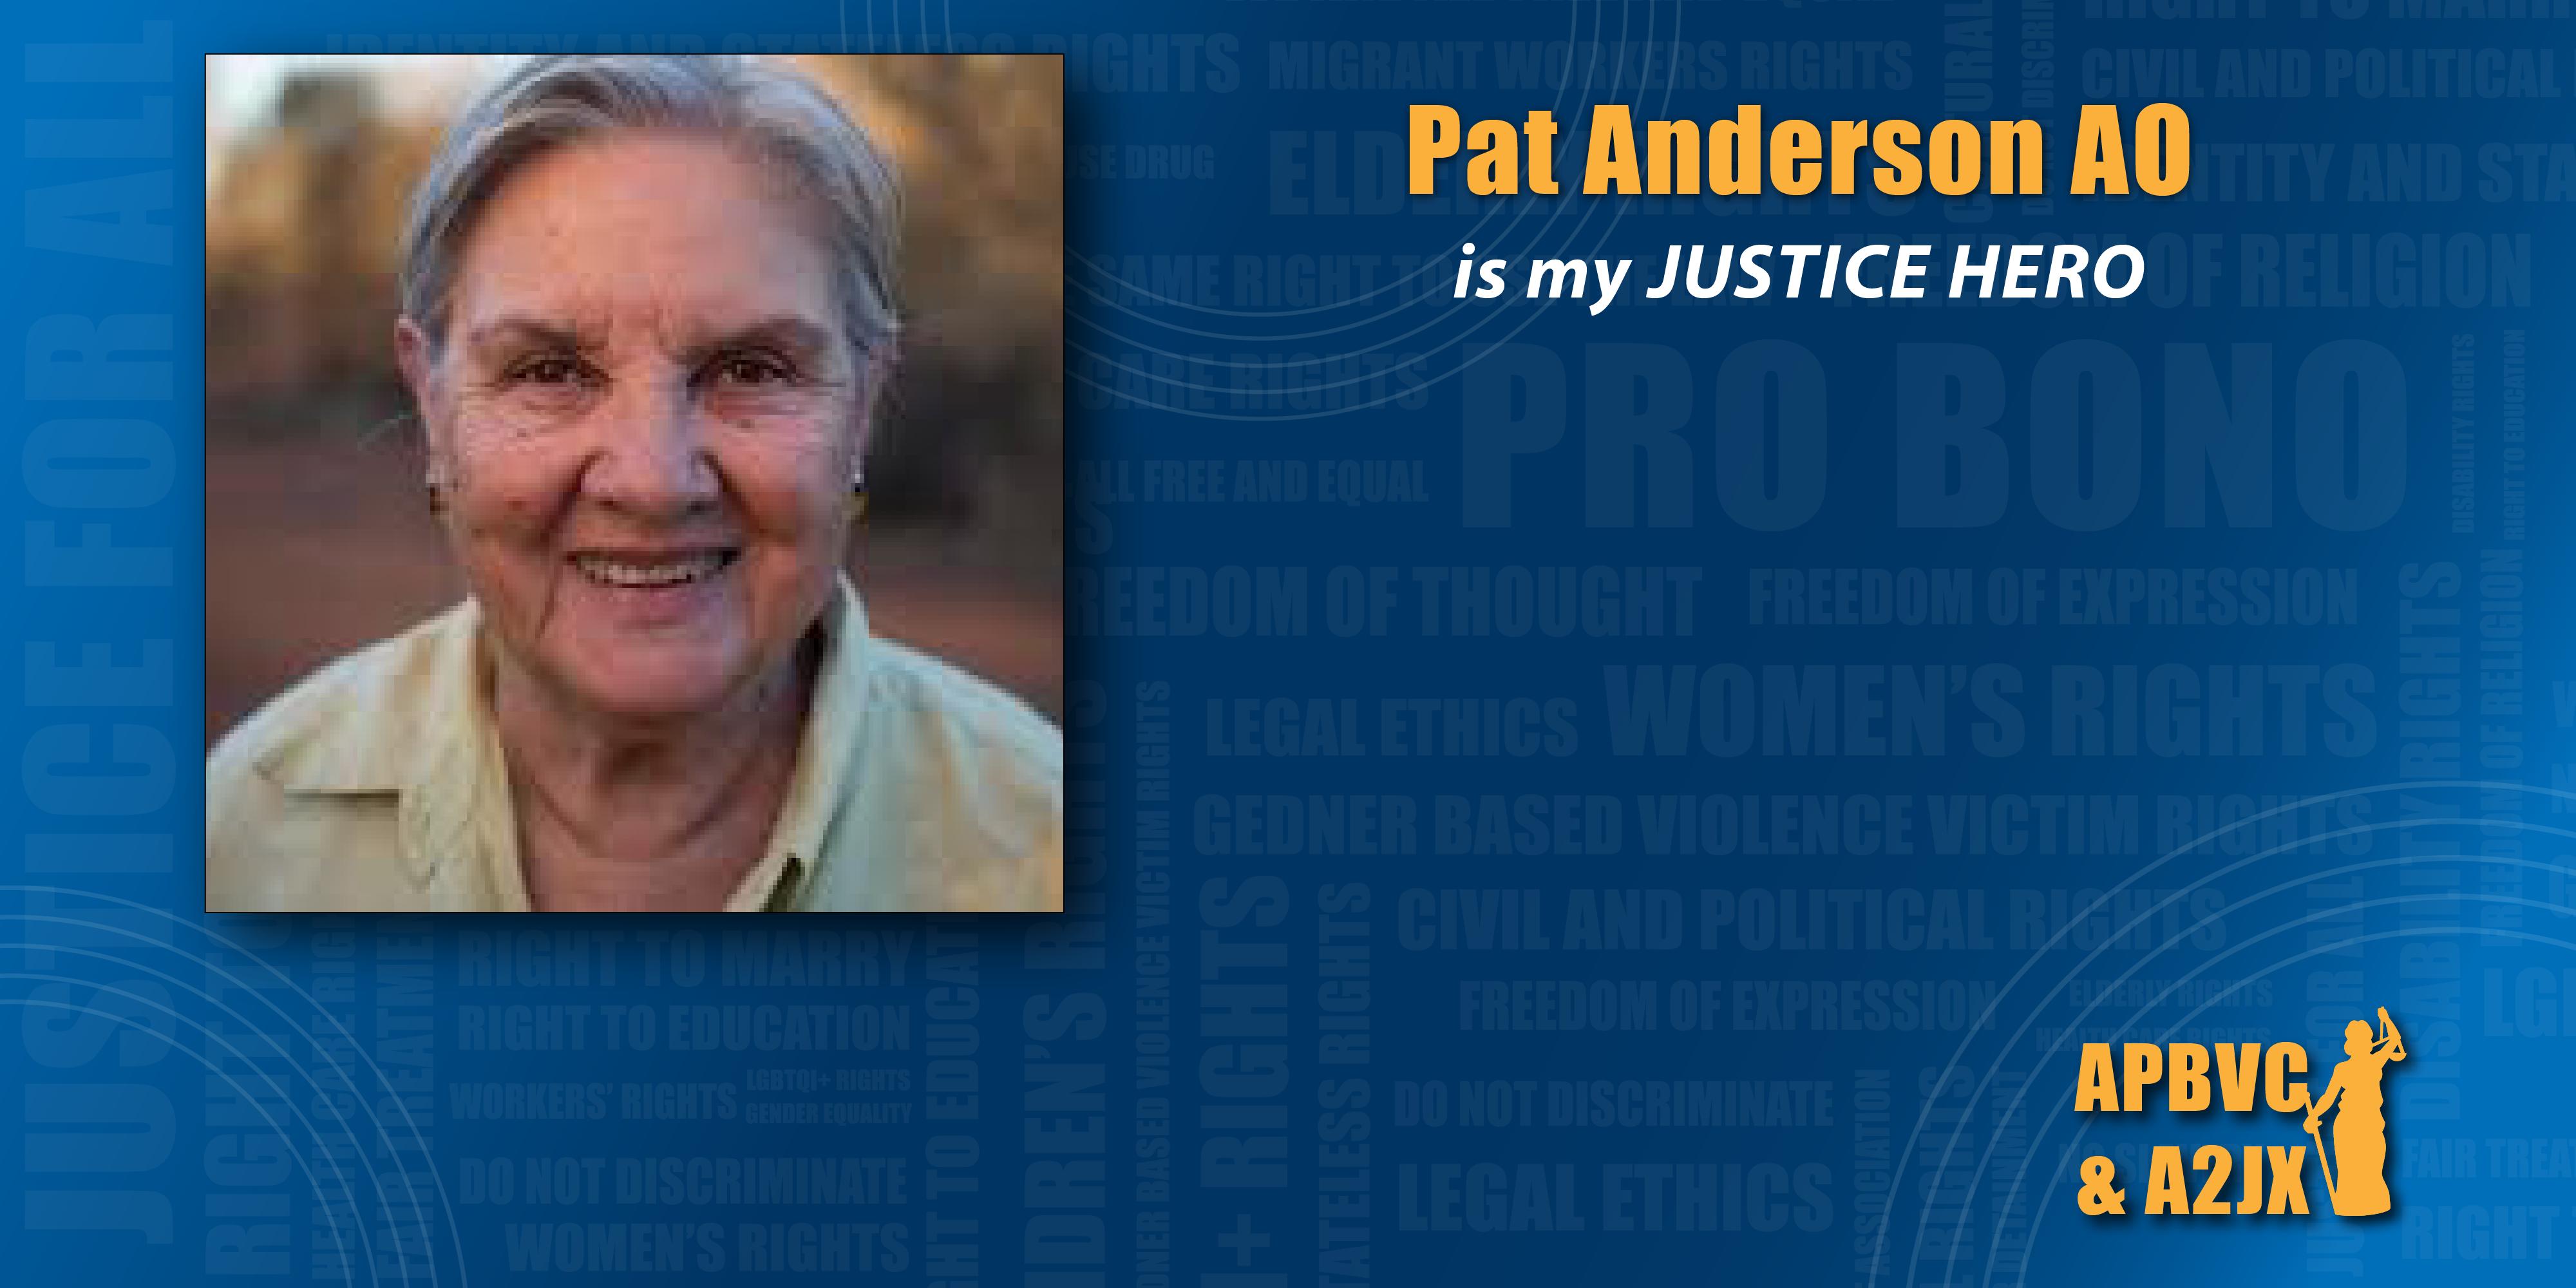 Pat Anderson AO